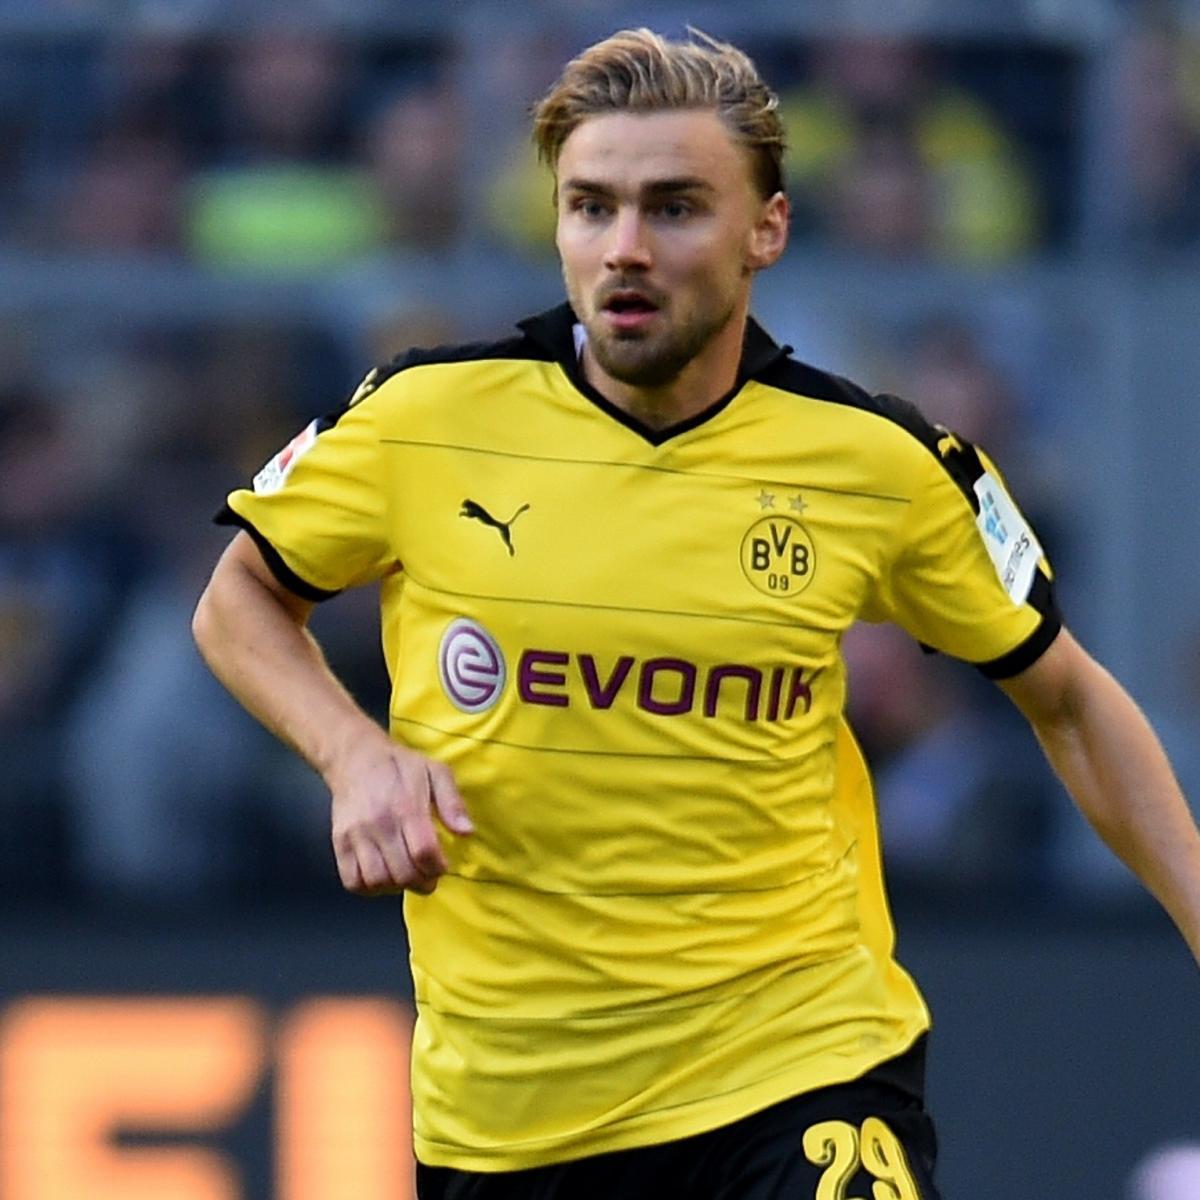 Dortmund Schmelzer